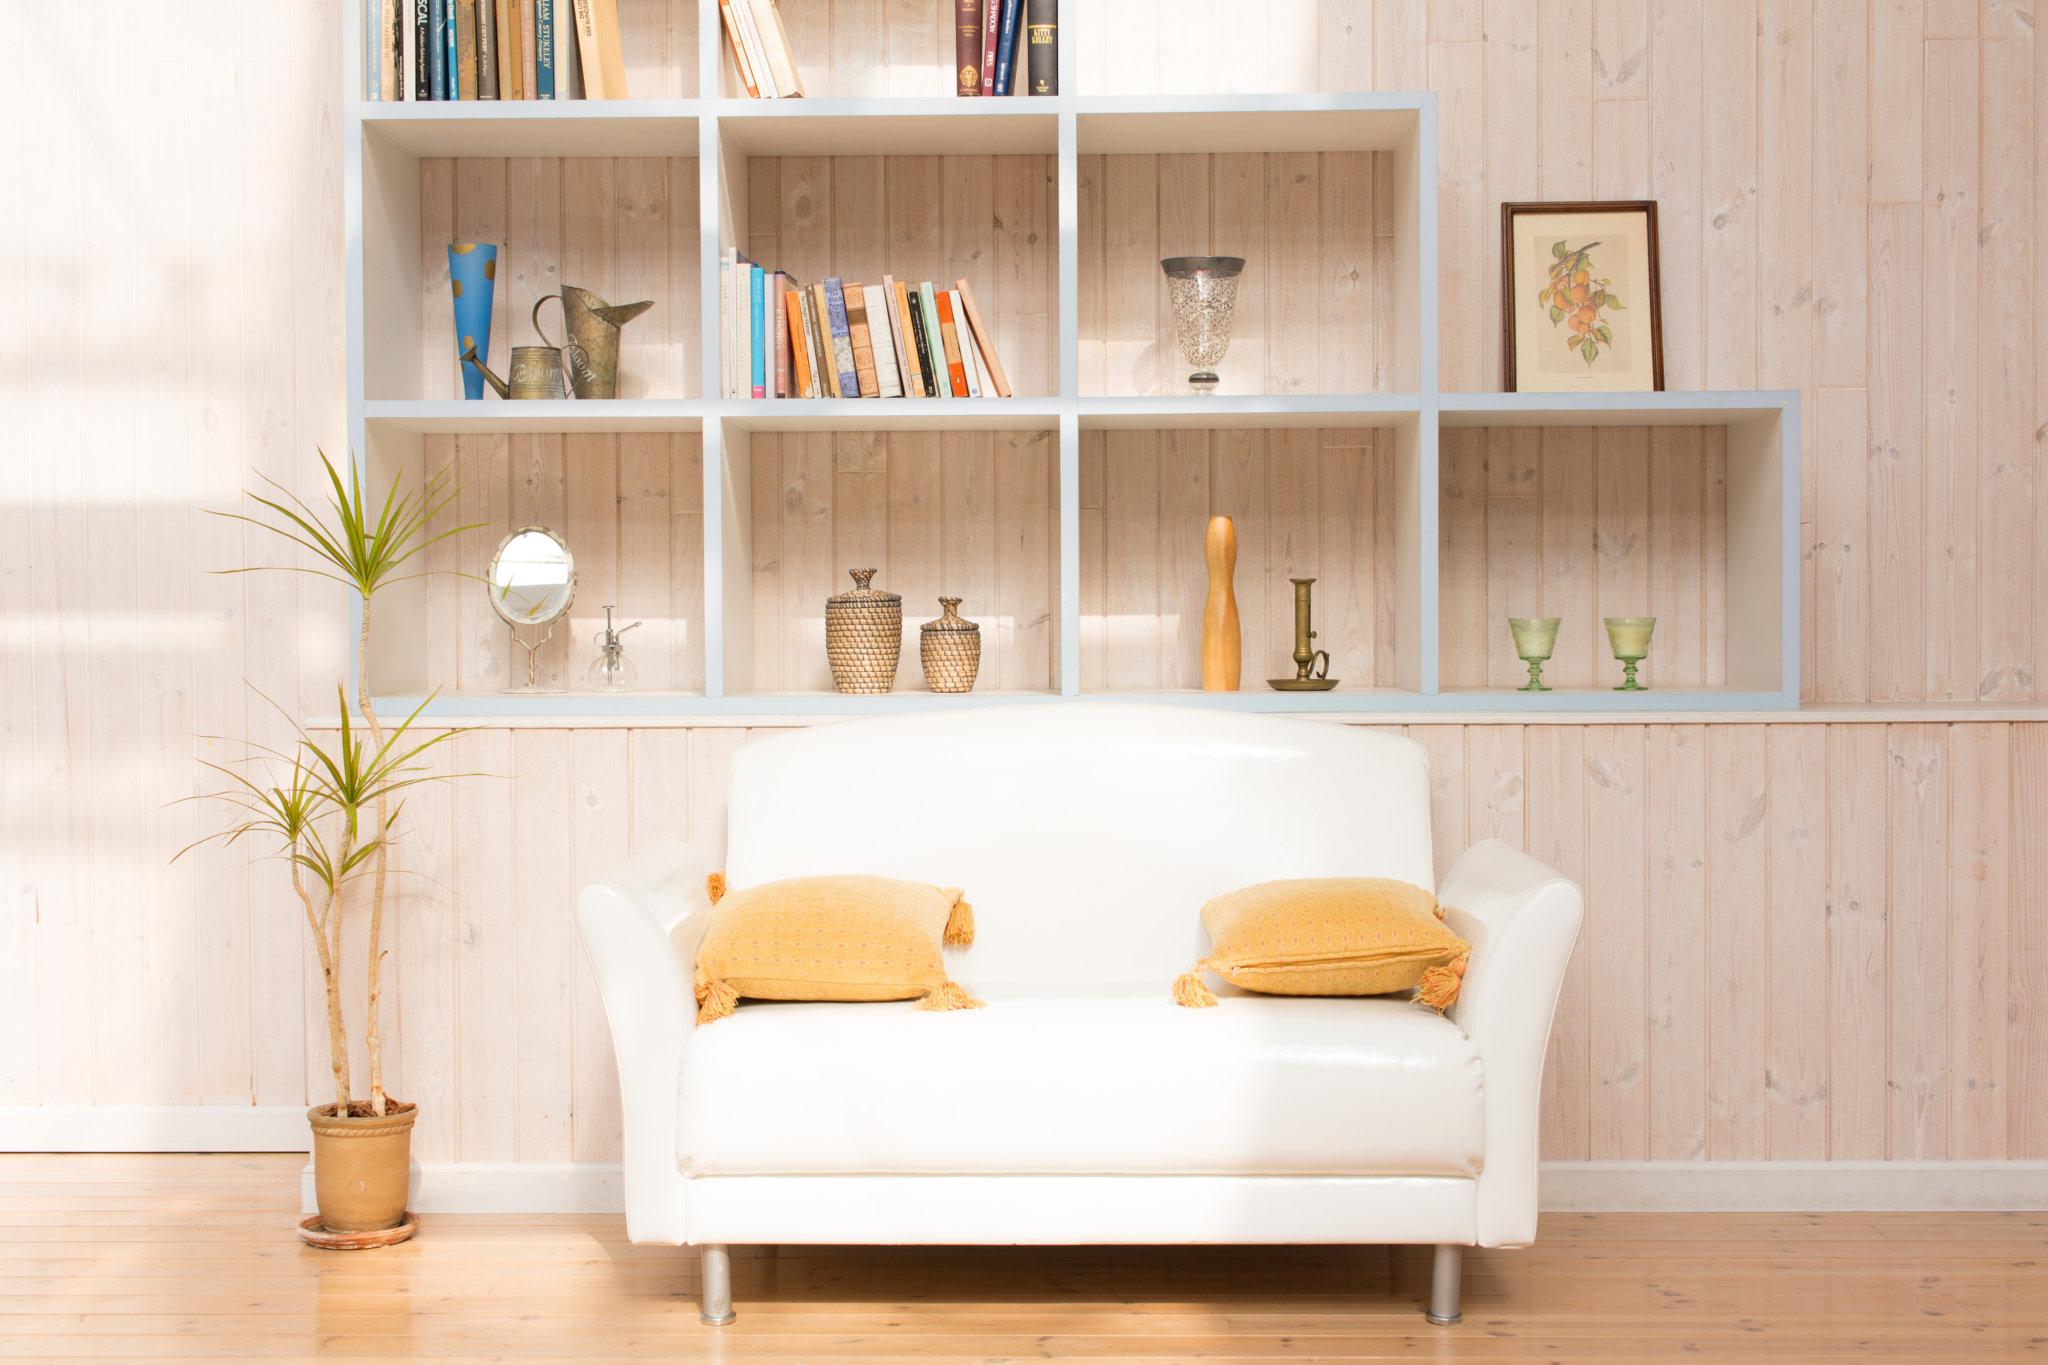 親の家・実家の片付け|目次|空き家 Q&A ゴミ屋敷化 収納 整理 高齢化 家庭の書類整理 相続 服 重要品 キッチン